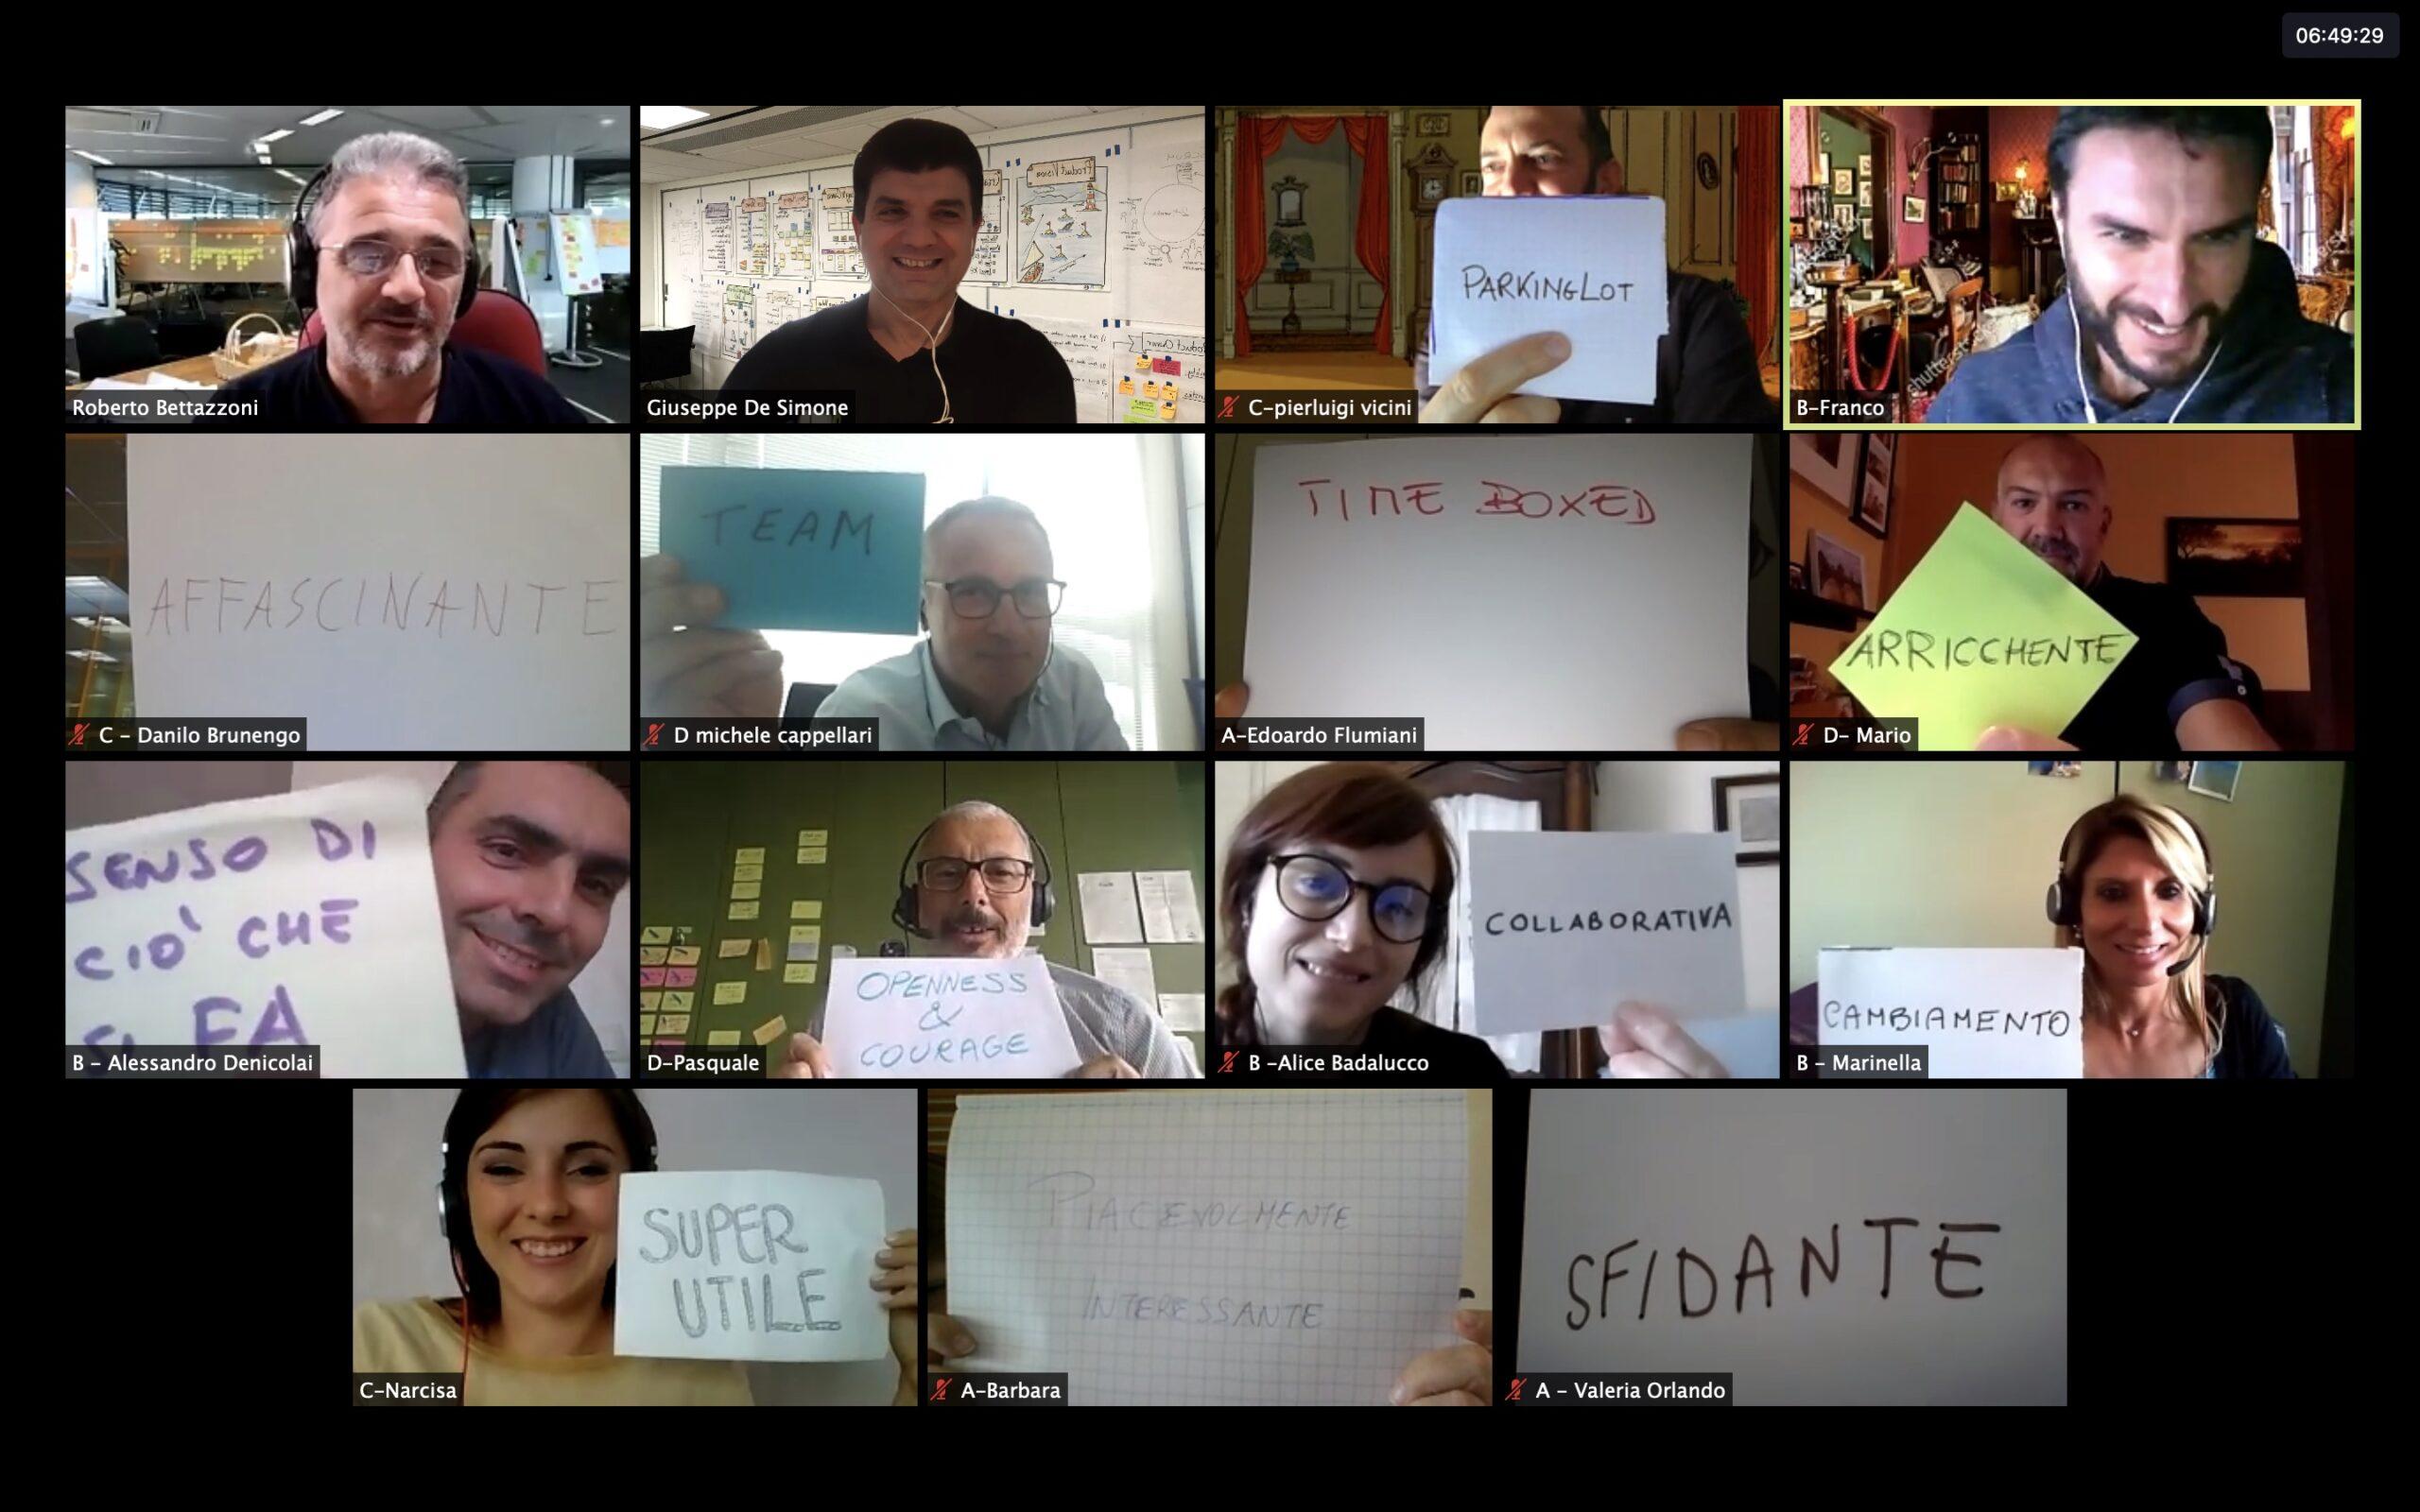 Immagine di partecipanti a uno dei corsi Scrum organizzati da agile42 in class virtuale